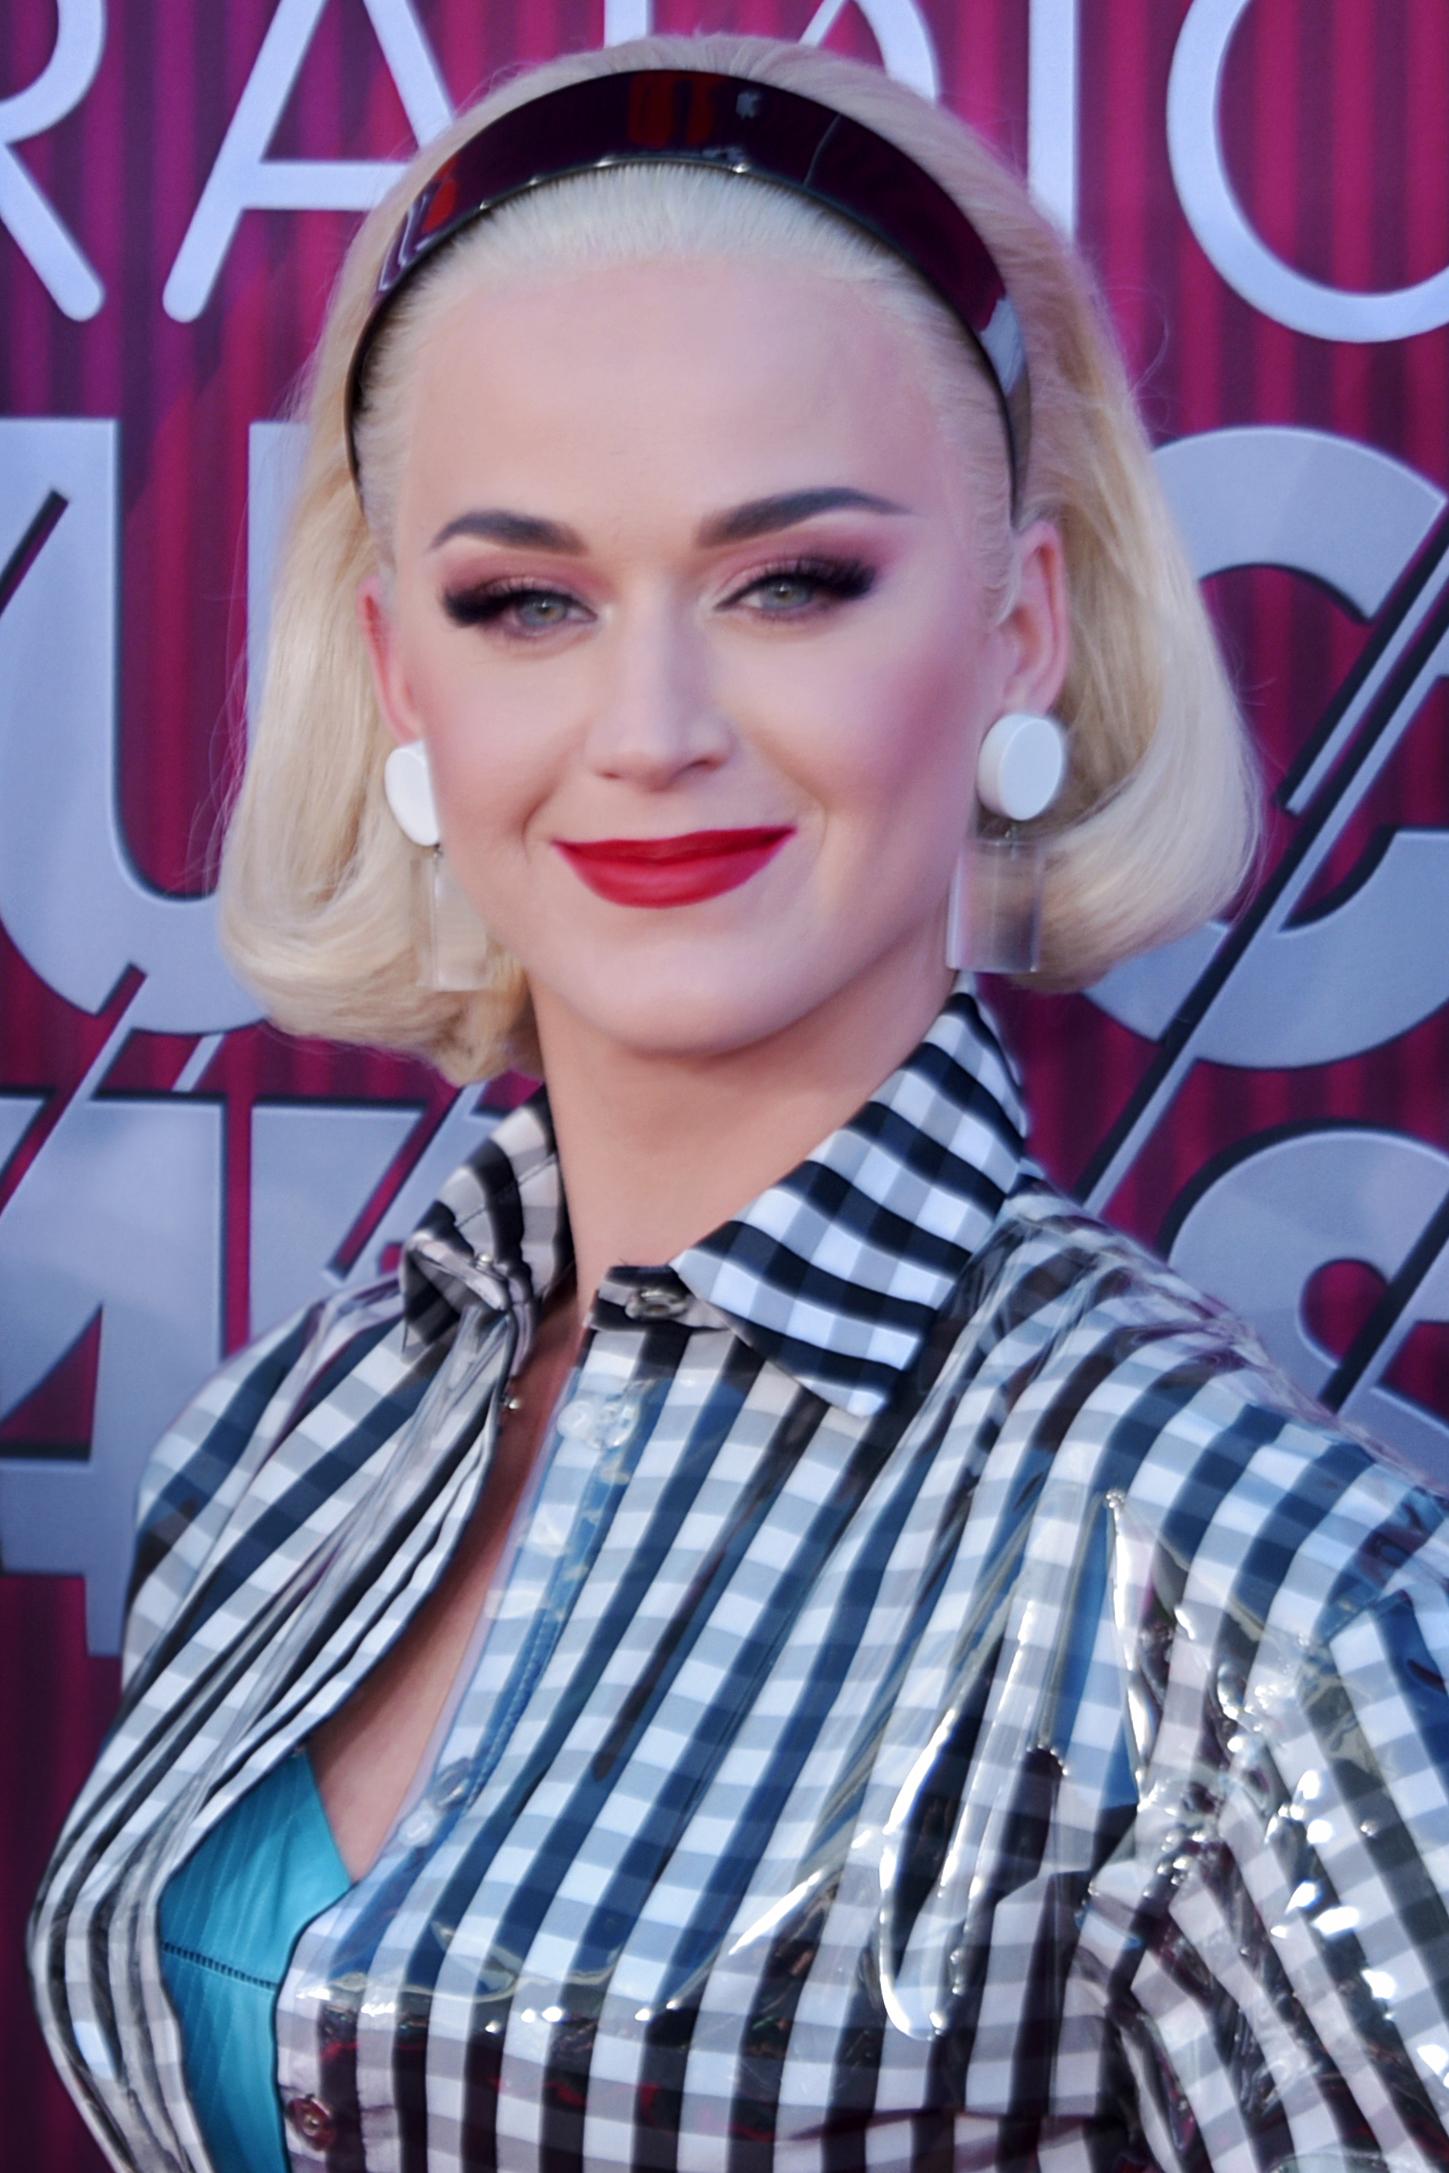 Veja o que saiu no Migalhas sobre Katy Perry